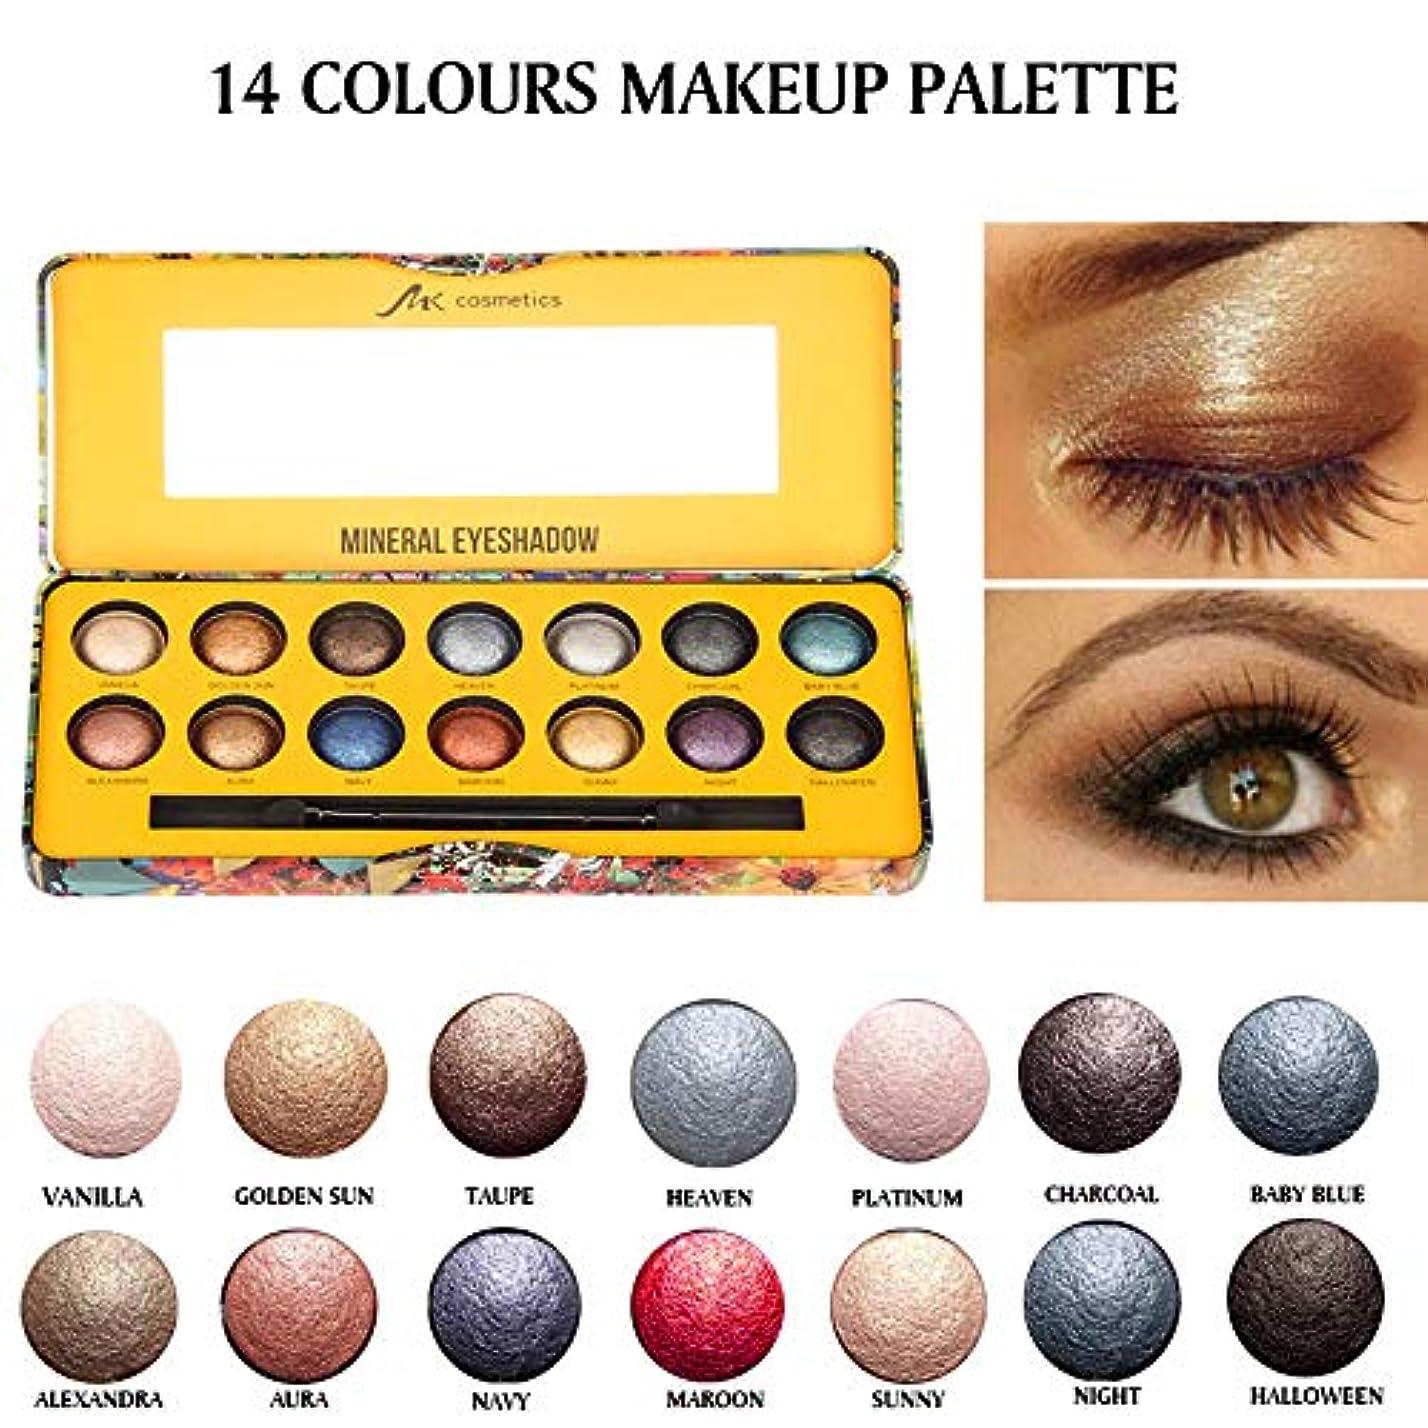 くびれた療法苦しむAkane アイシャドウパレット MK 綺麗 人気 気質的 黄色 真珠光沢 ファッション 防水 チャーム イエロー 魅力的 マット つや消し 長持ち おしゃれ 持ち便利 Eye Shadow (14色) 8292